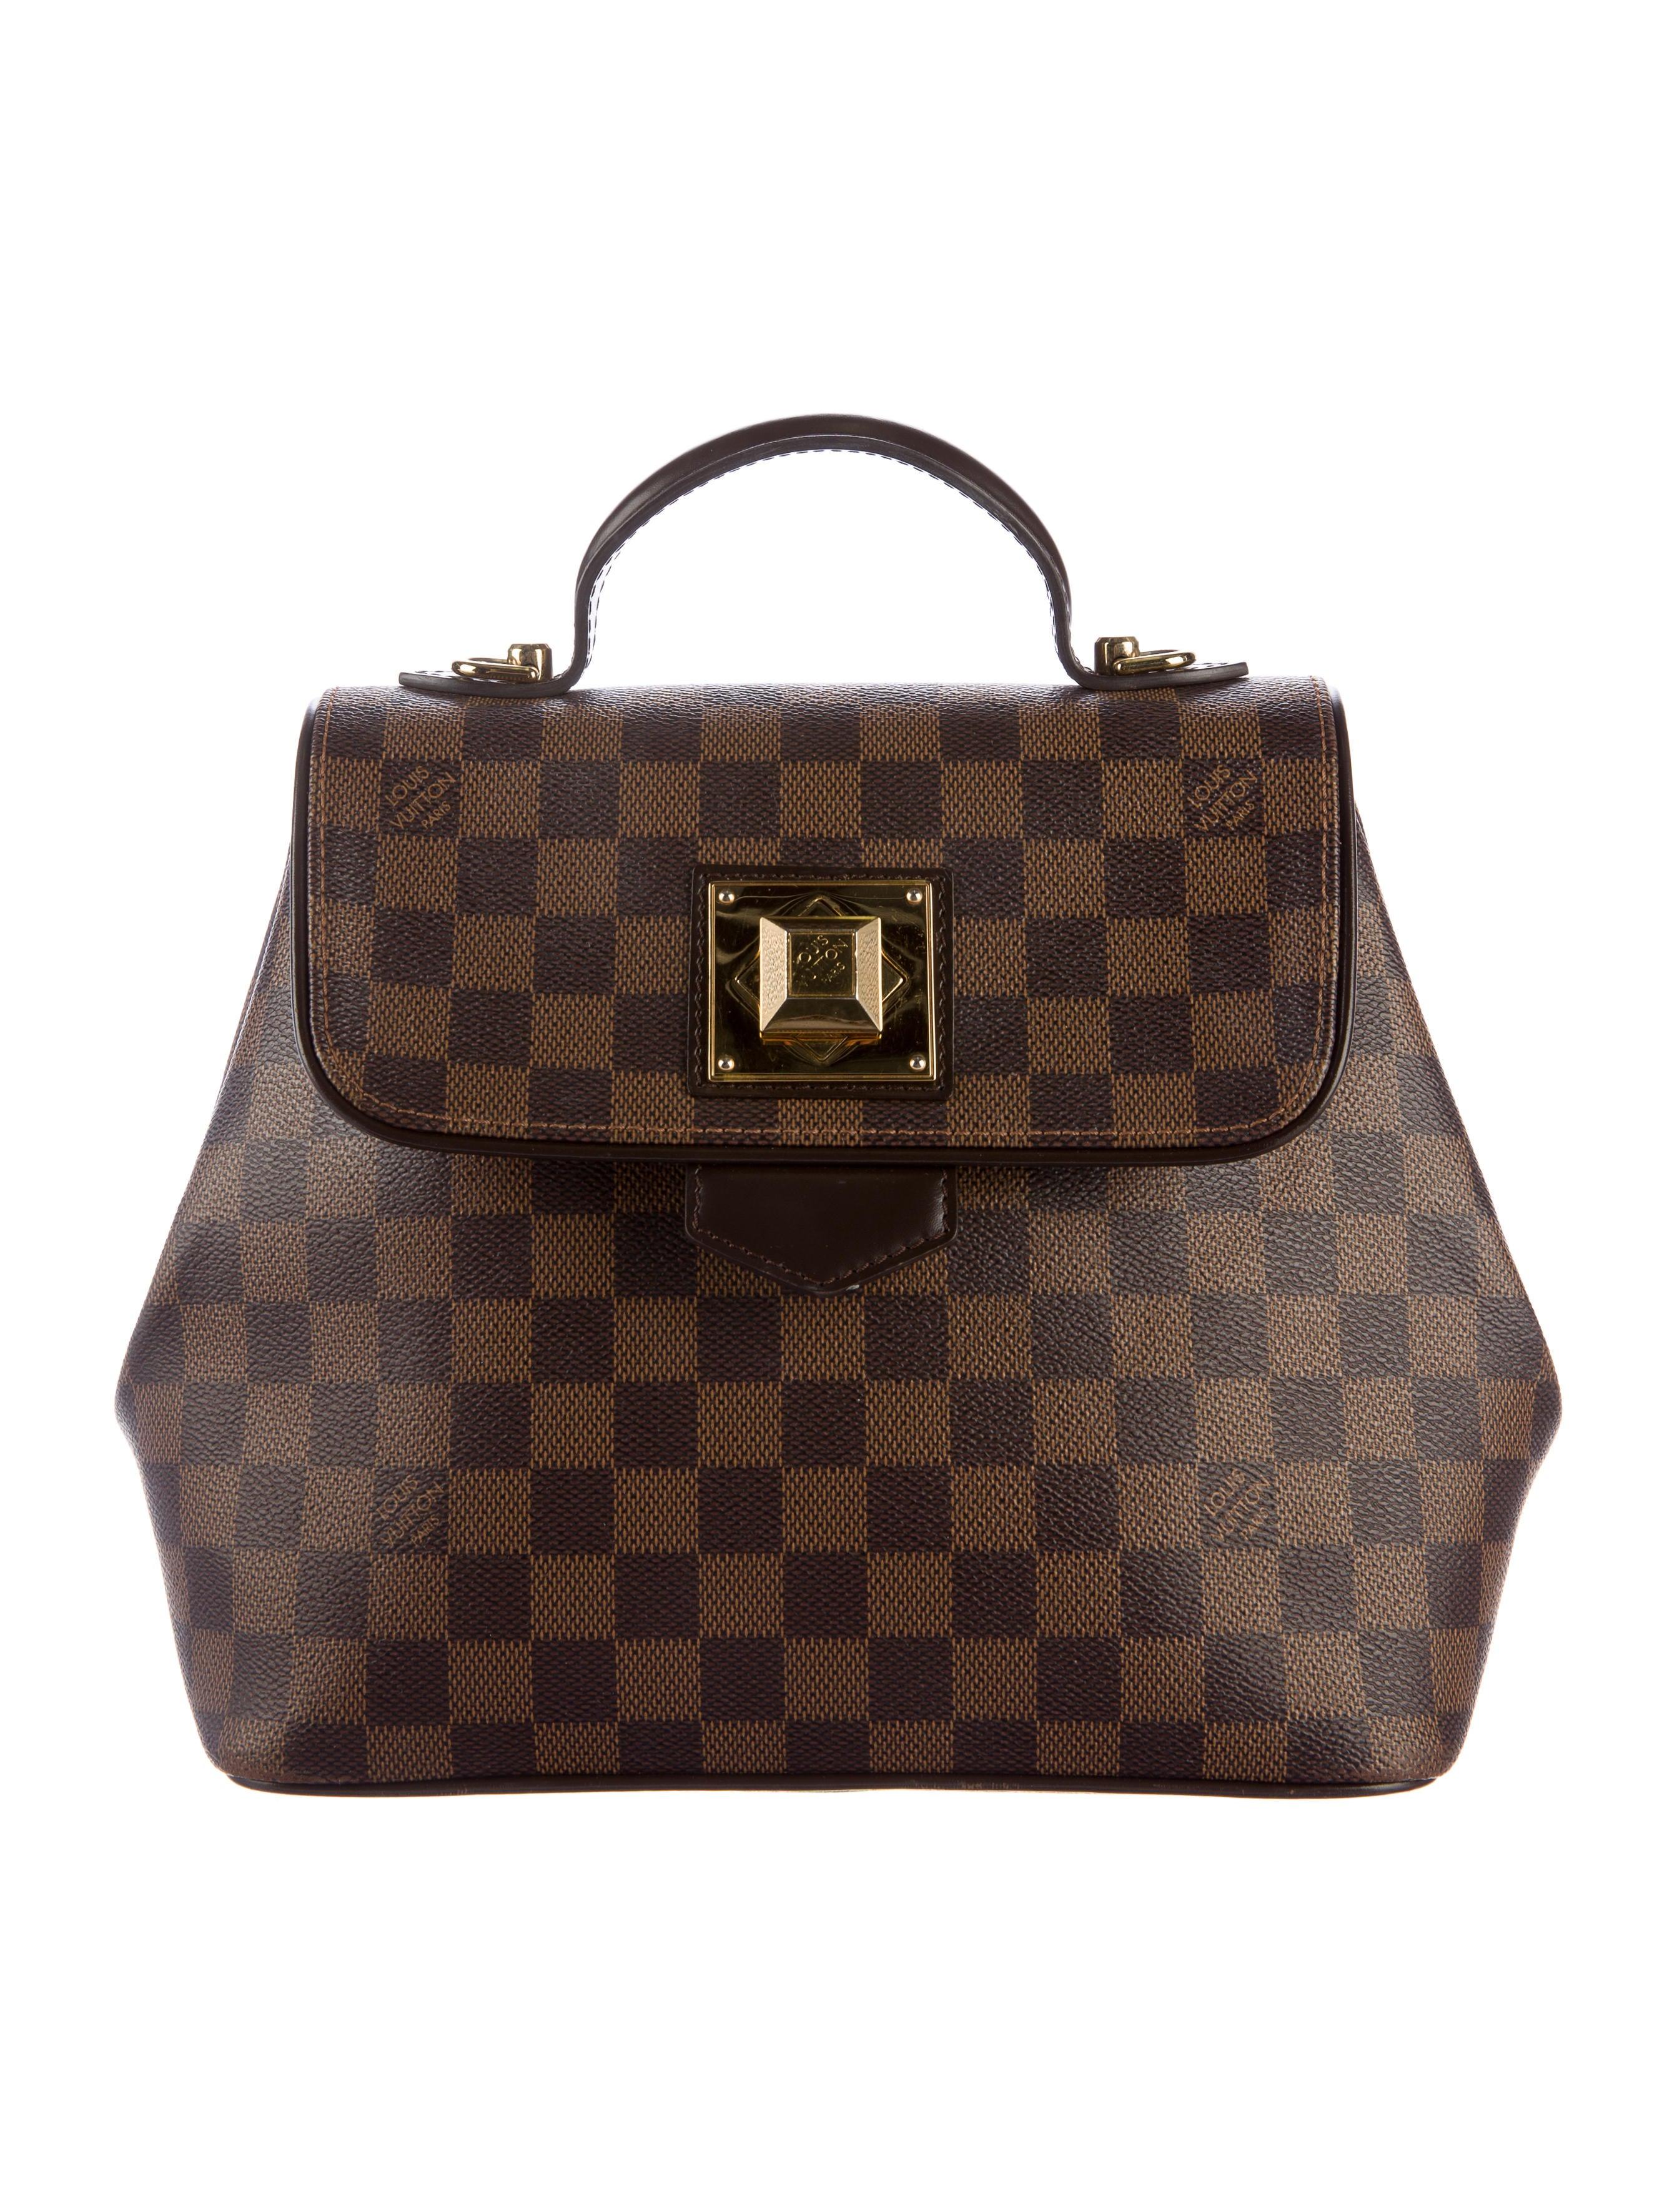 d473087709e Louis Vuitton Bergamo PM - Handbags - LOU116354